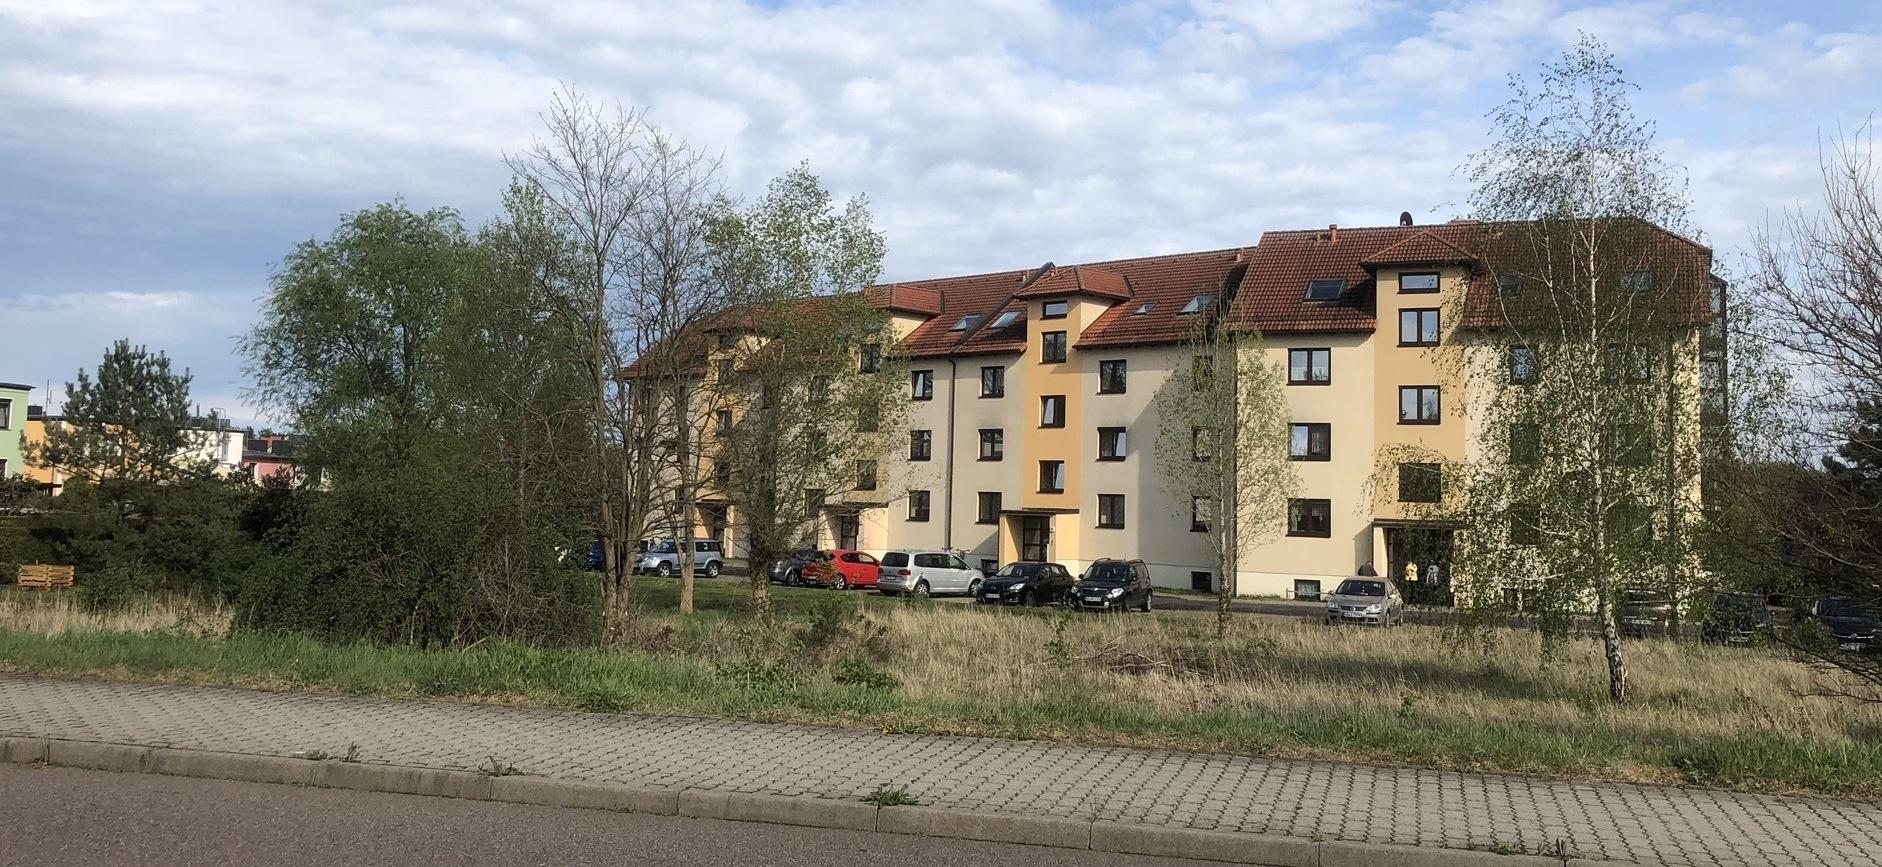 Mietwohnungen im Weberweg